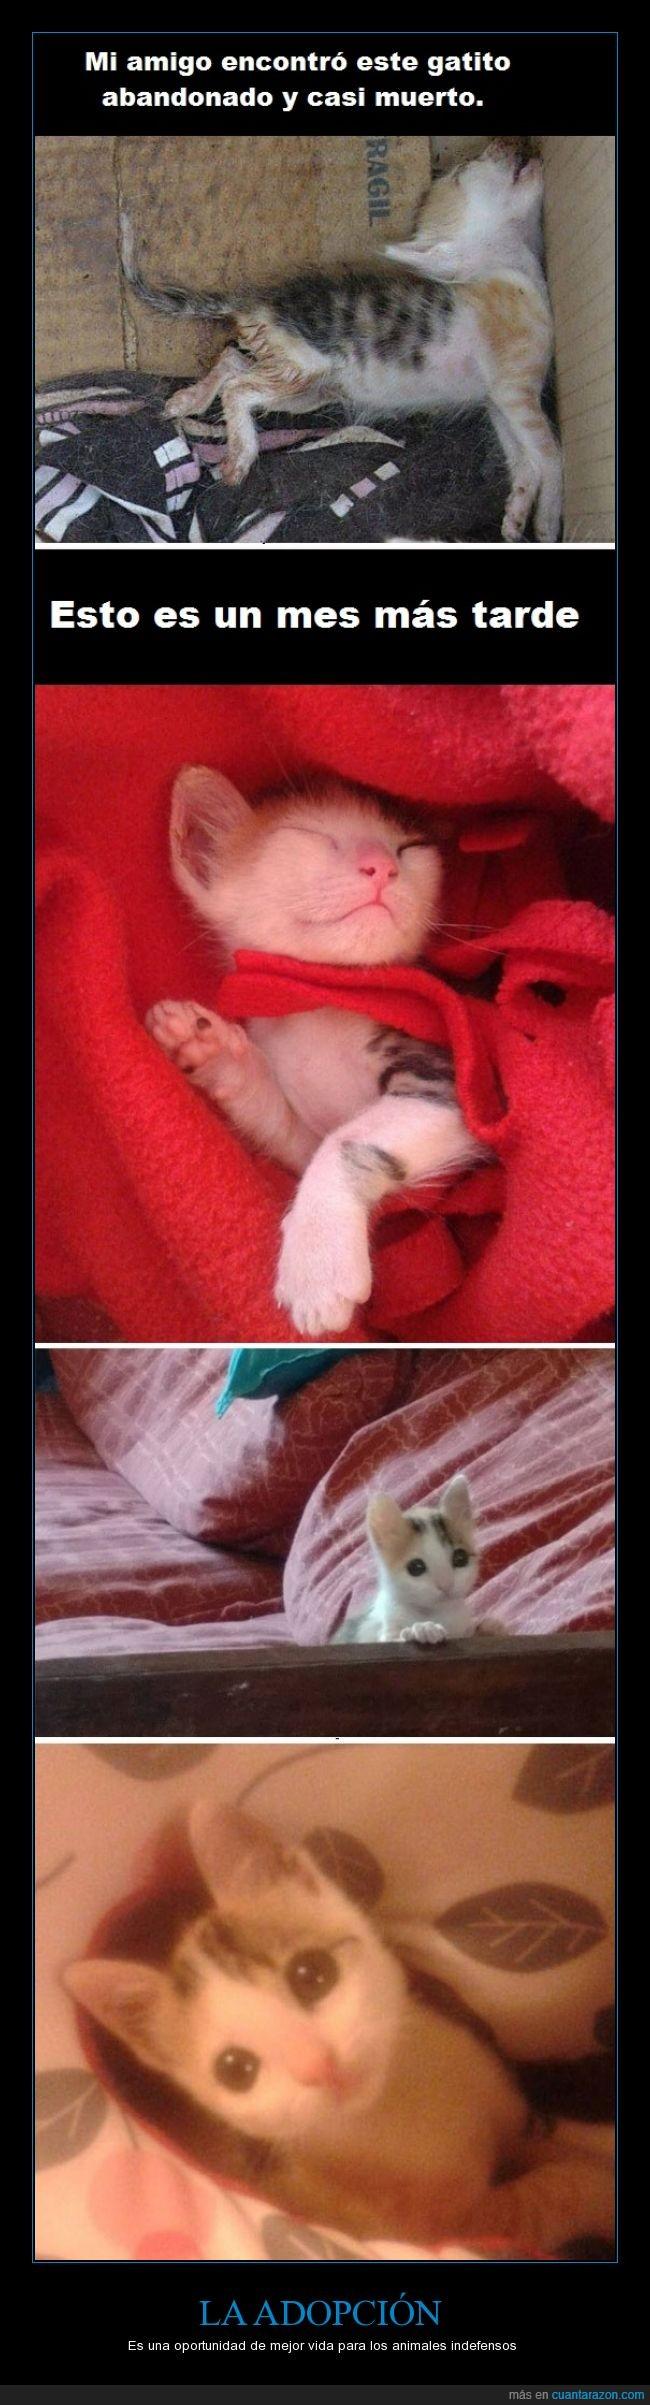 humor,vida. adoptar,adopción,animales,rescatar,salvar,gato